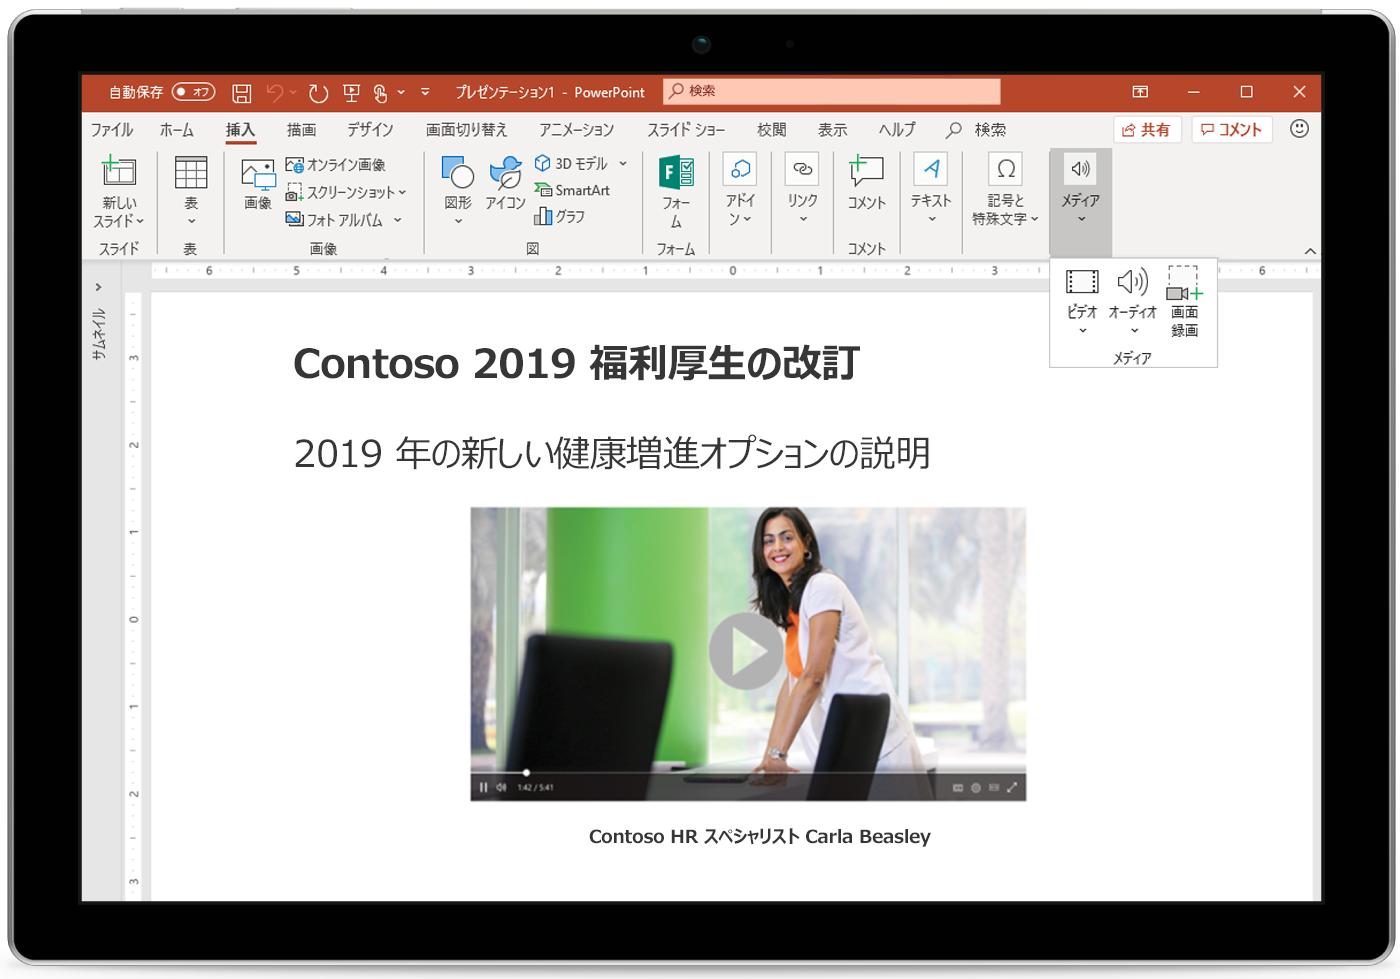 PowerPoint のスライドが表示されたタブレットの画像。